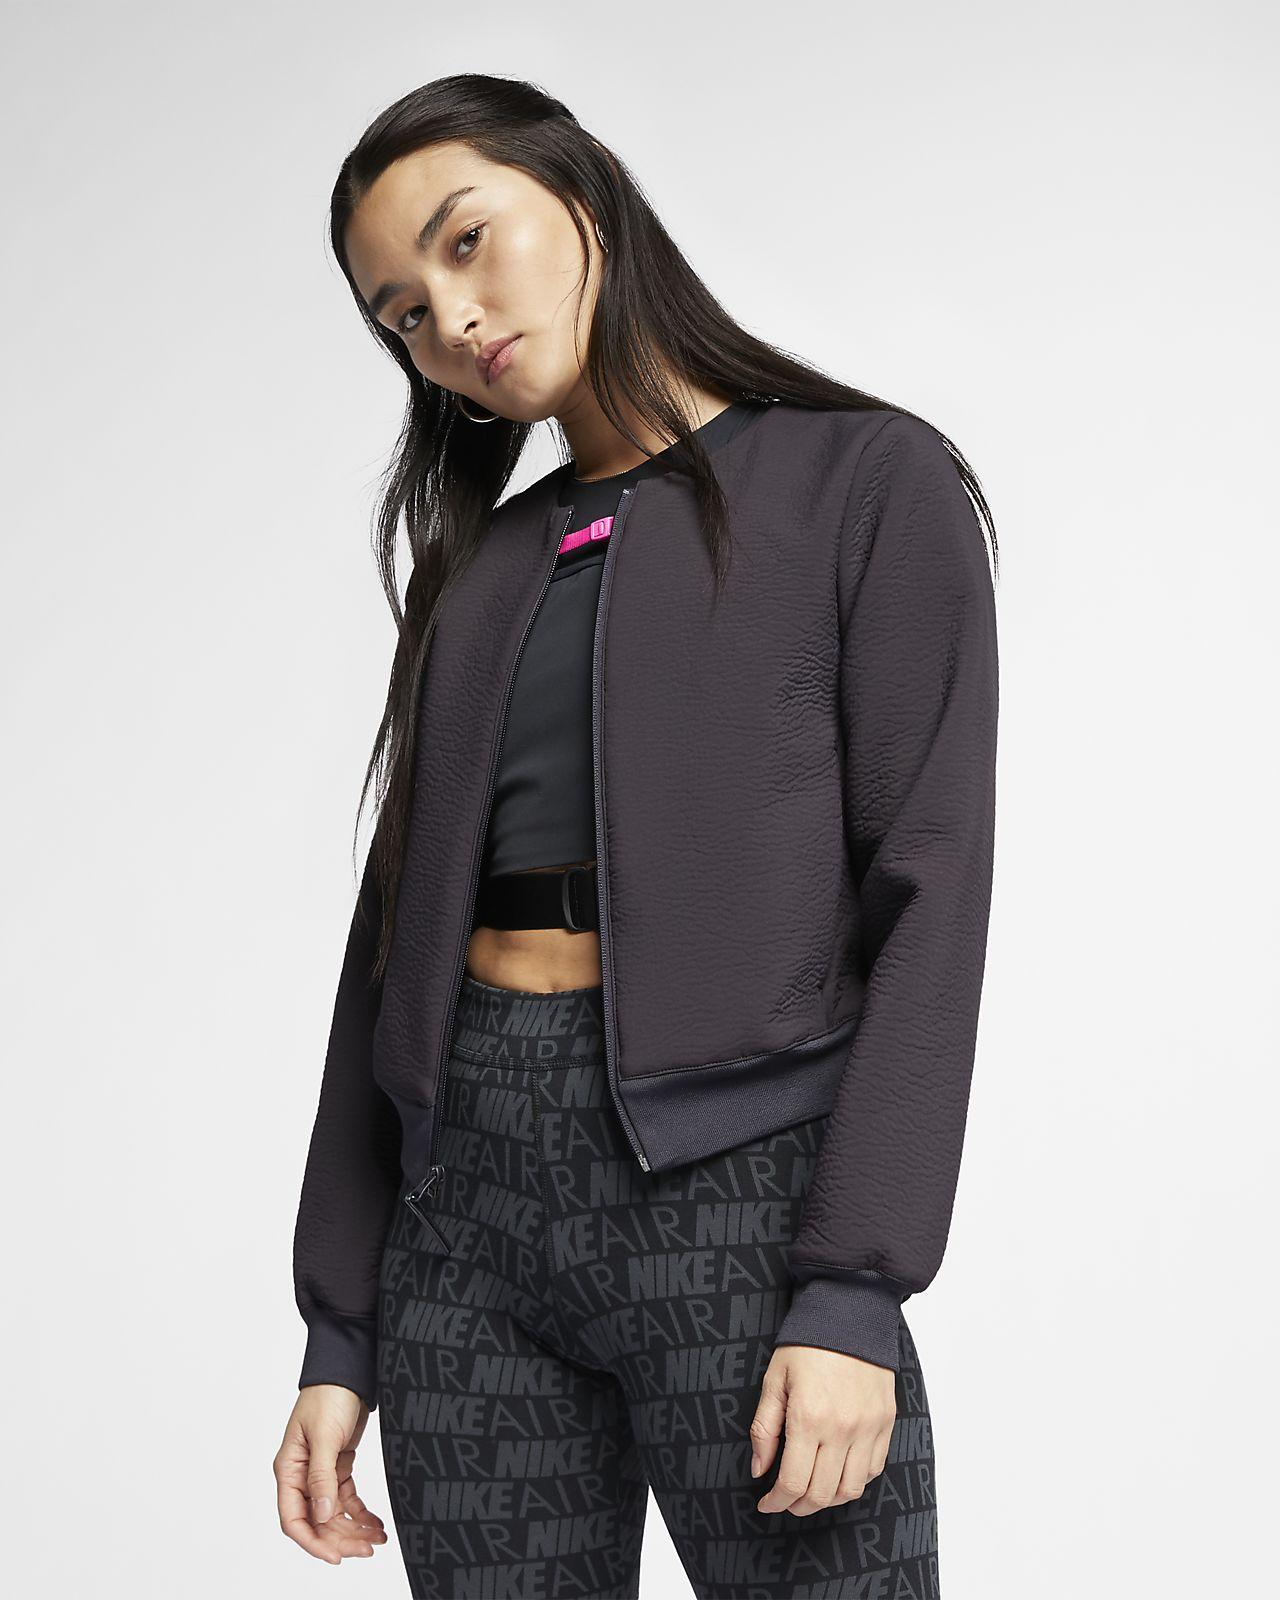 b733264e303 Nike Sportswear Tech Pack Chaqueta con cremallera completa - Mujer ...